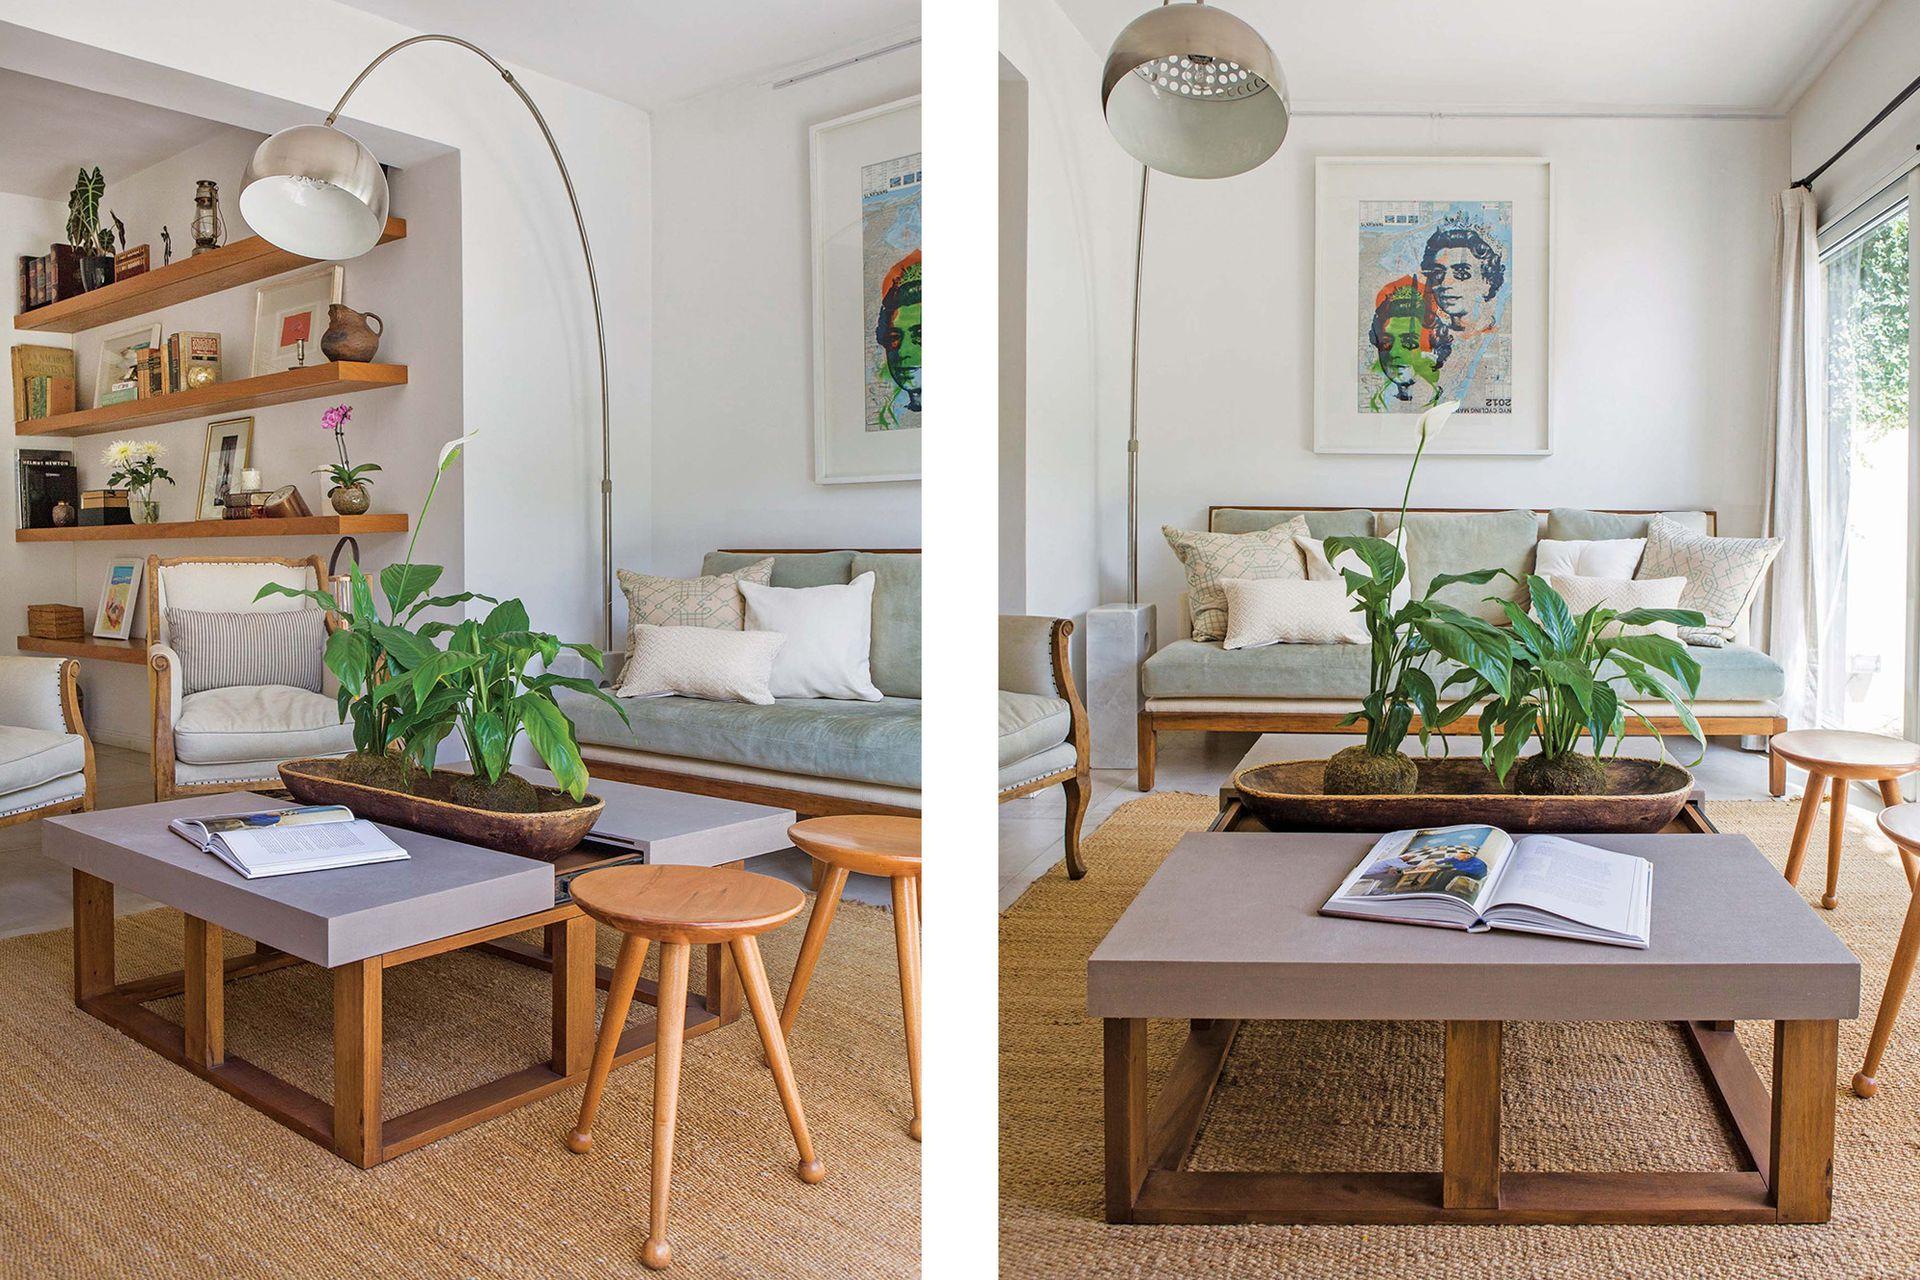 La alfombra de fibra natural (Mihran) organiza el living. Lámpara 'Arco', mesa ratona y sofá (Eugenio Aguirre). Almohadones (Cosa Bonita). Sillones de estilo (Estudio V). Banquitos de madera torneada (Palan). Kokedamas (Rêve Green Deco). Cuadro (Harturo).